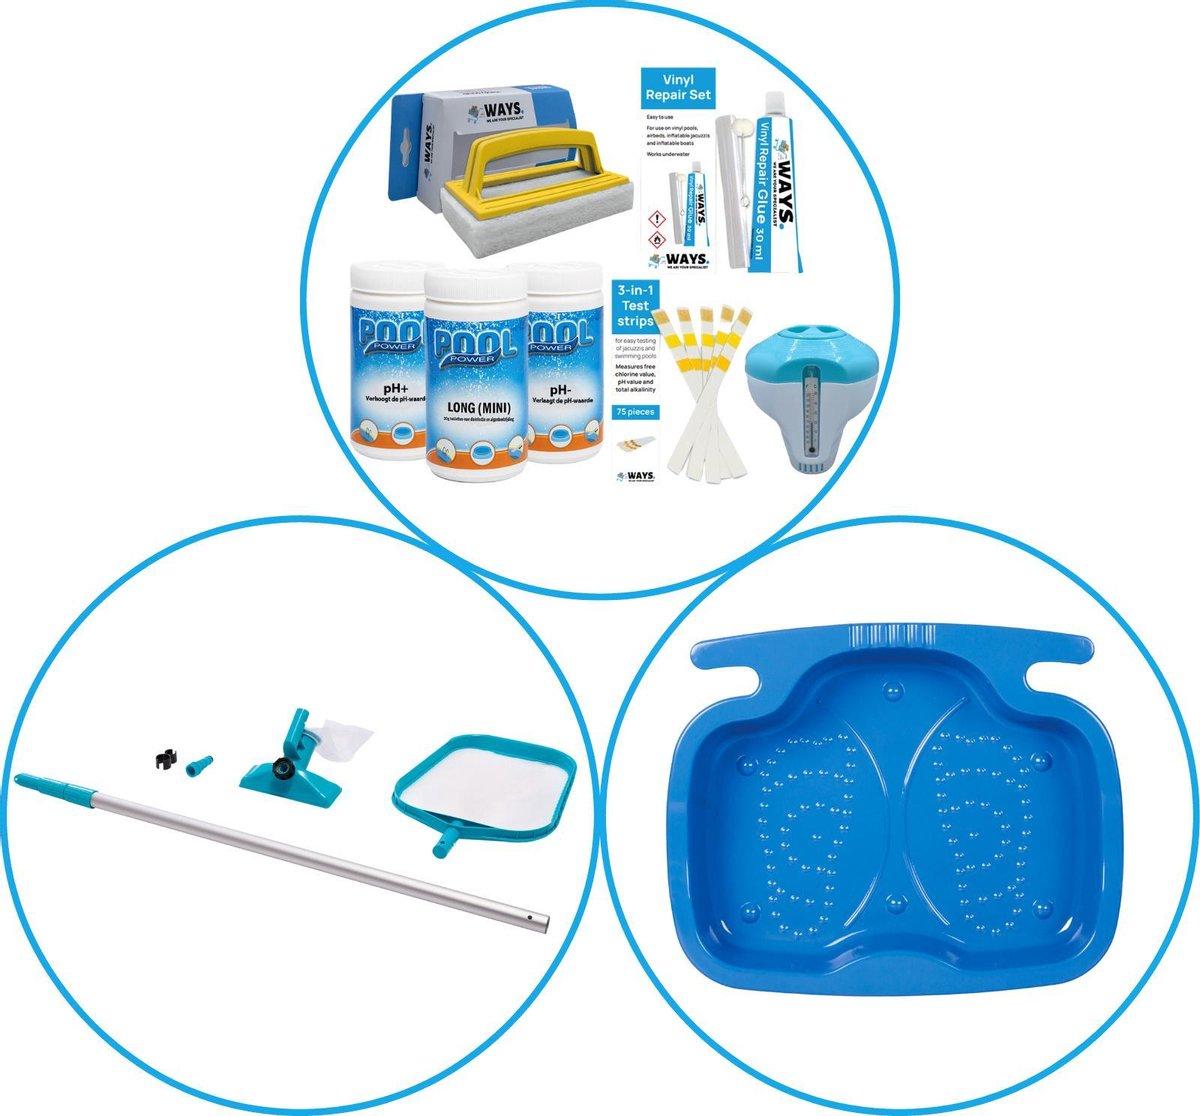 Zwembad Accessoirepakket 3-delig - WAYS Onderhoudspakket & Onderhoudsset & Voetenbad